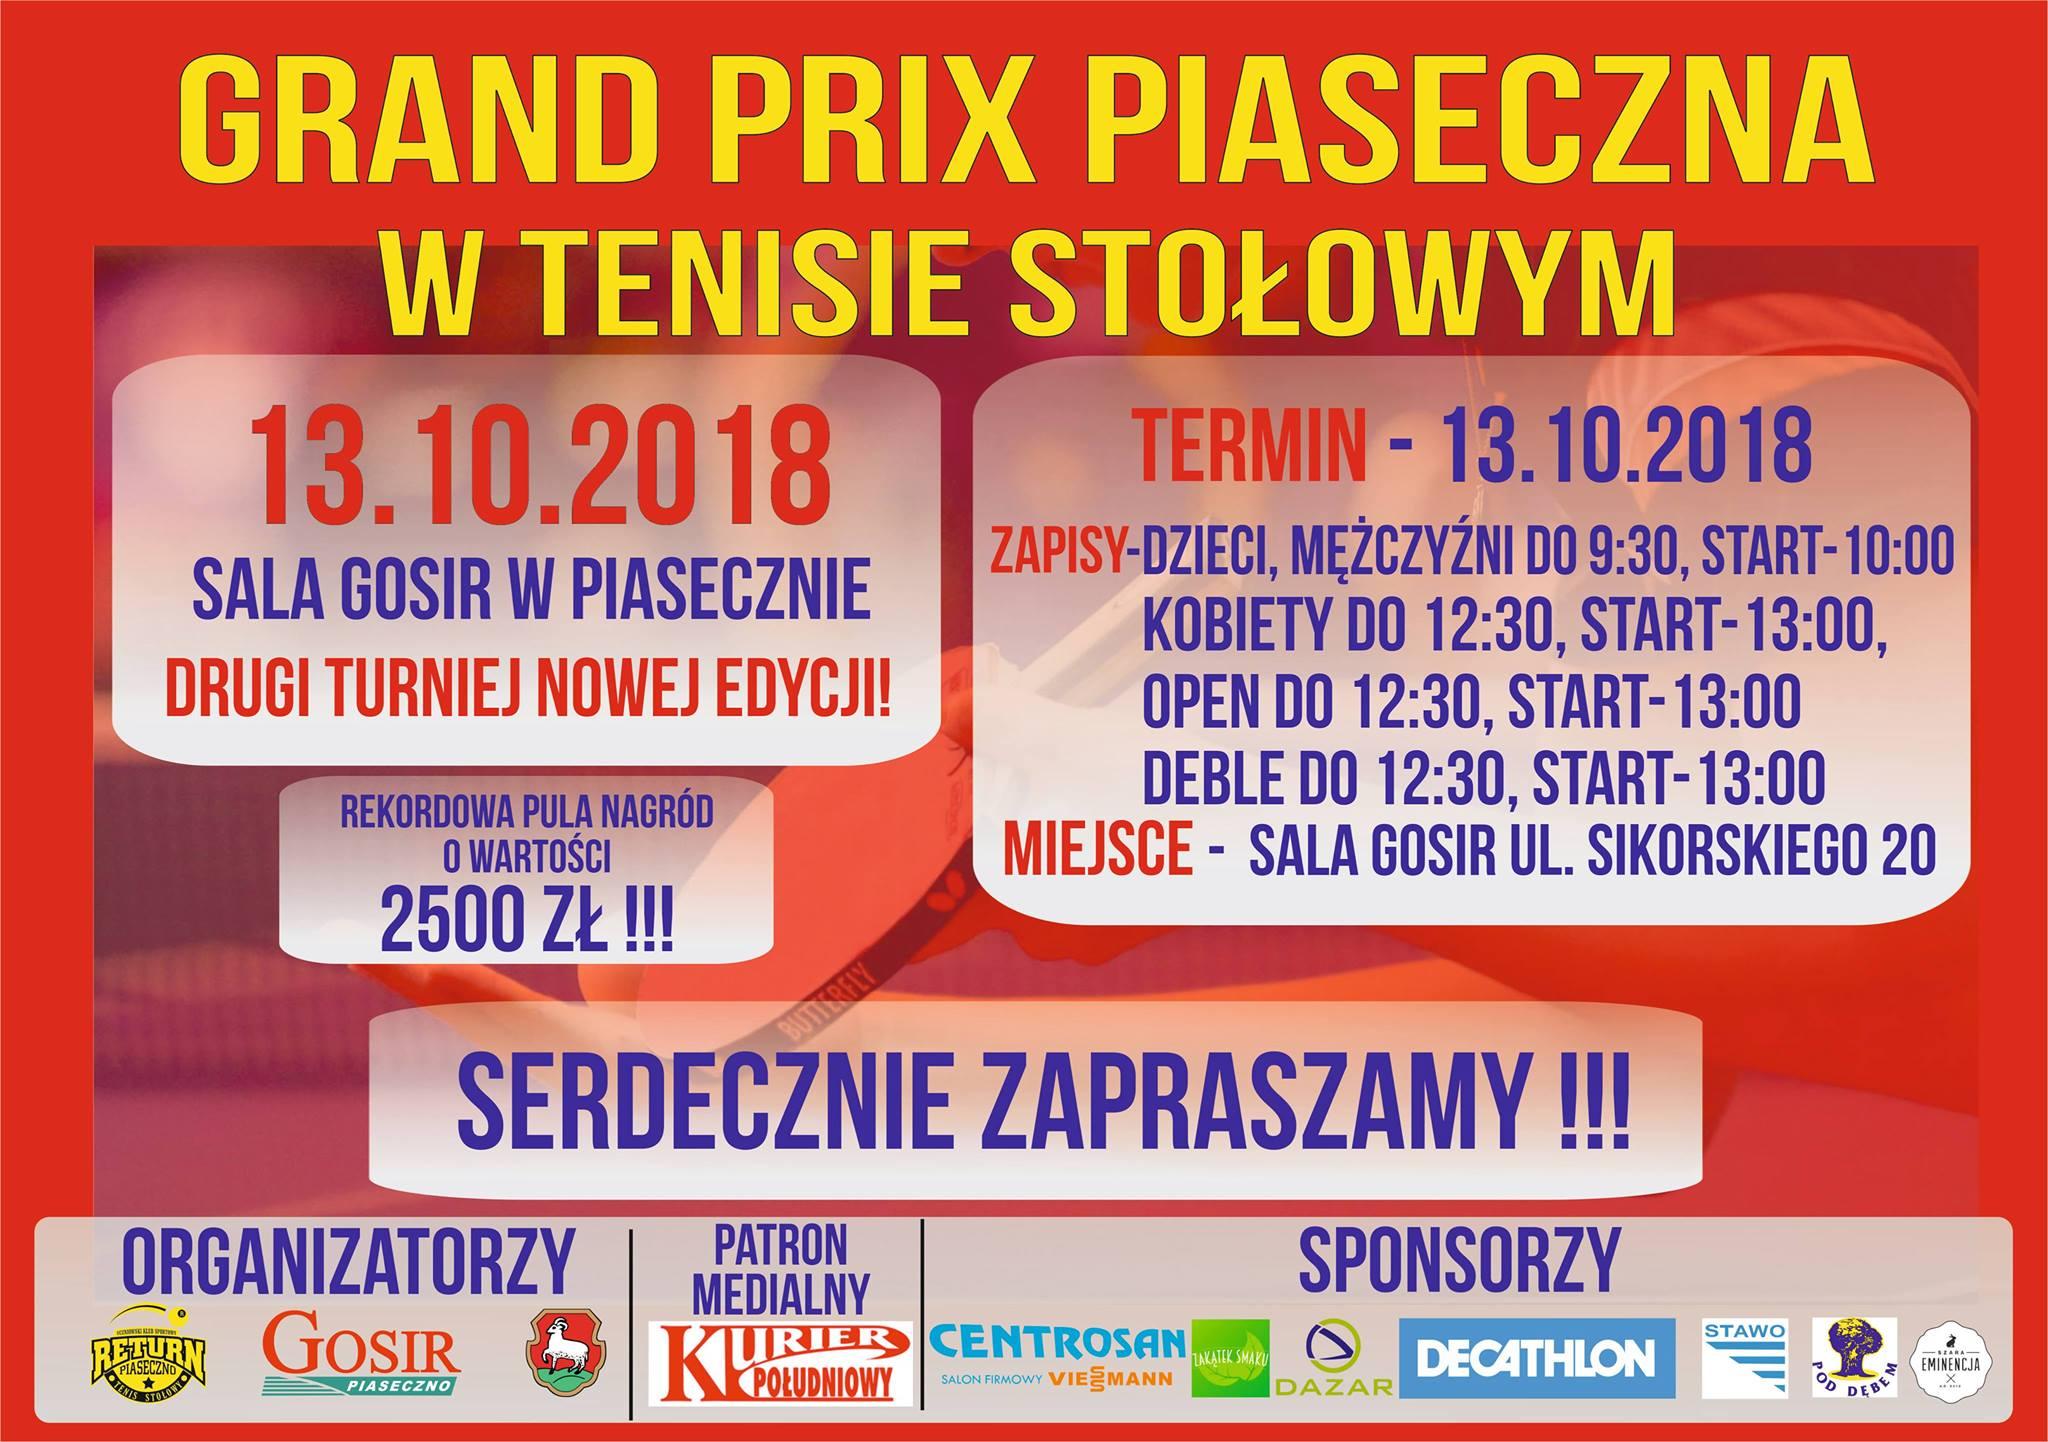 Plakat turnieju II Grand Prix Piaseczna w tenisie stołowym XXI edycji